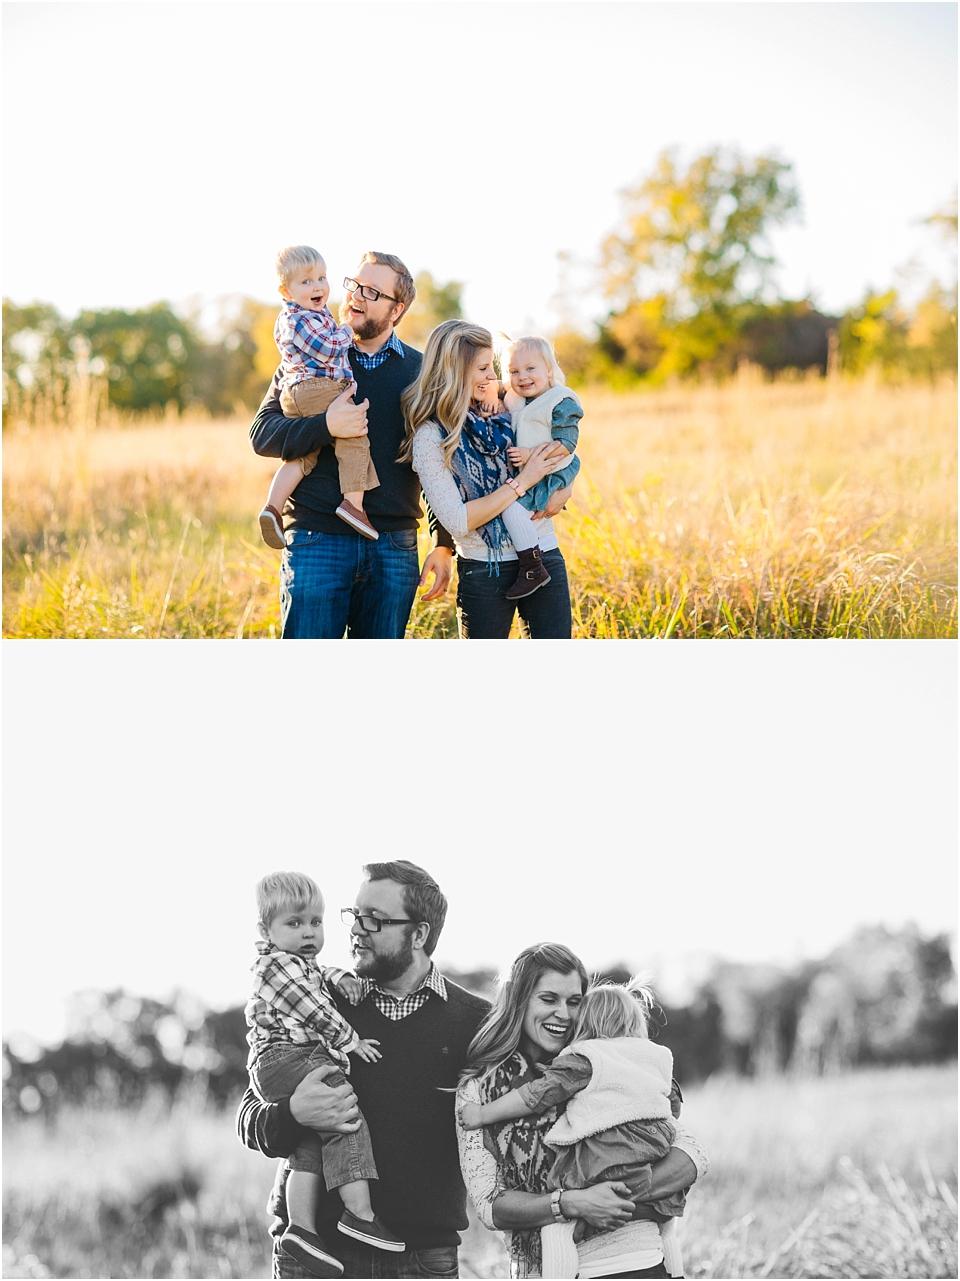 kansascitybestfamilyphotographer_0116